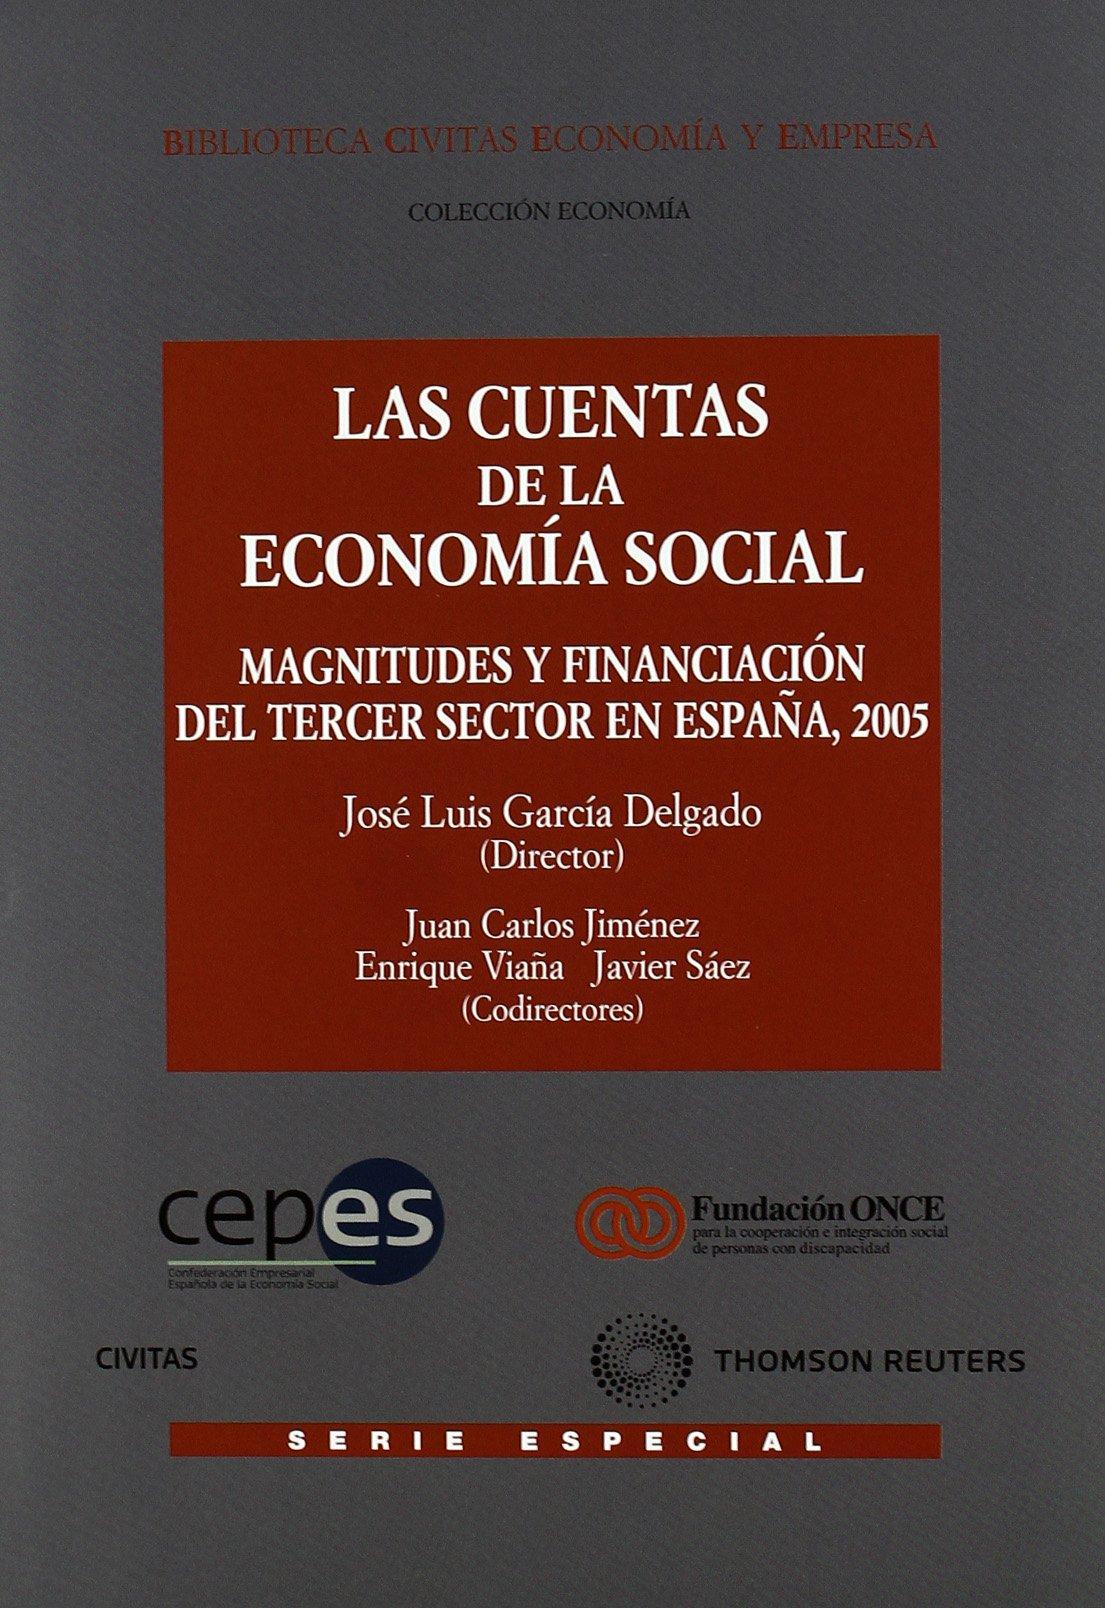 Las cuentas de la economía social - Magnitudes y financiación del tercer sector en España 2005 Economía - Serie Especial: Amazon.es: García Delgado, José Luis: Libros